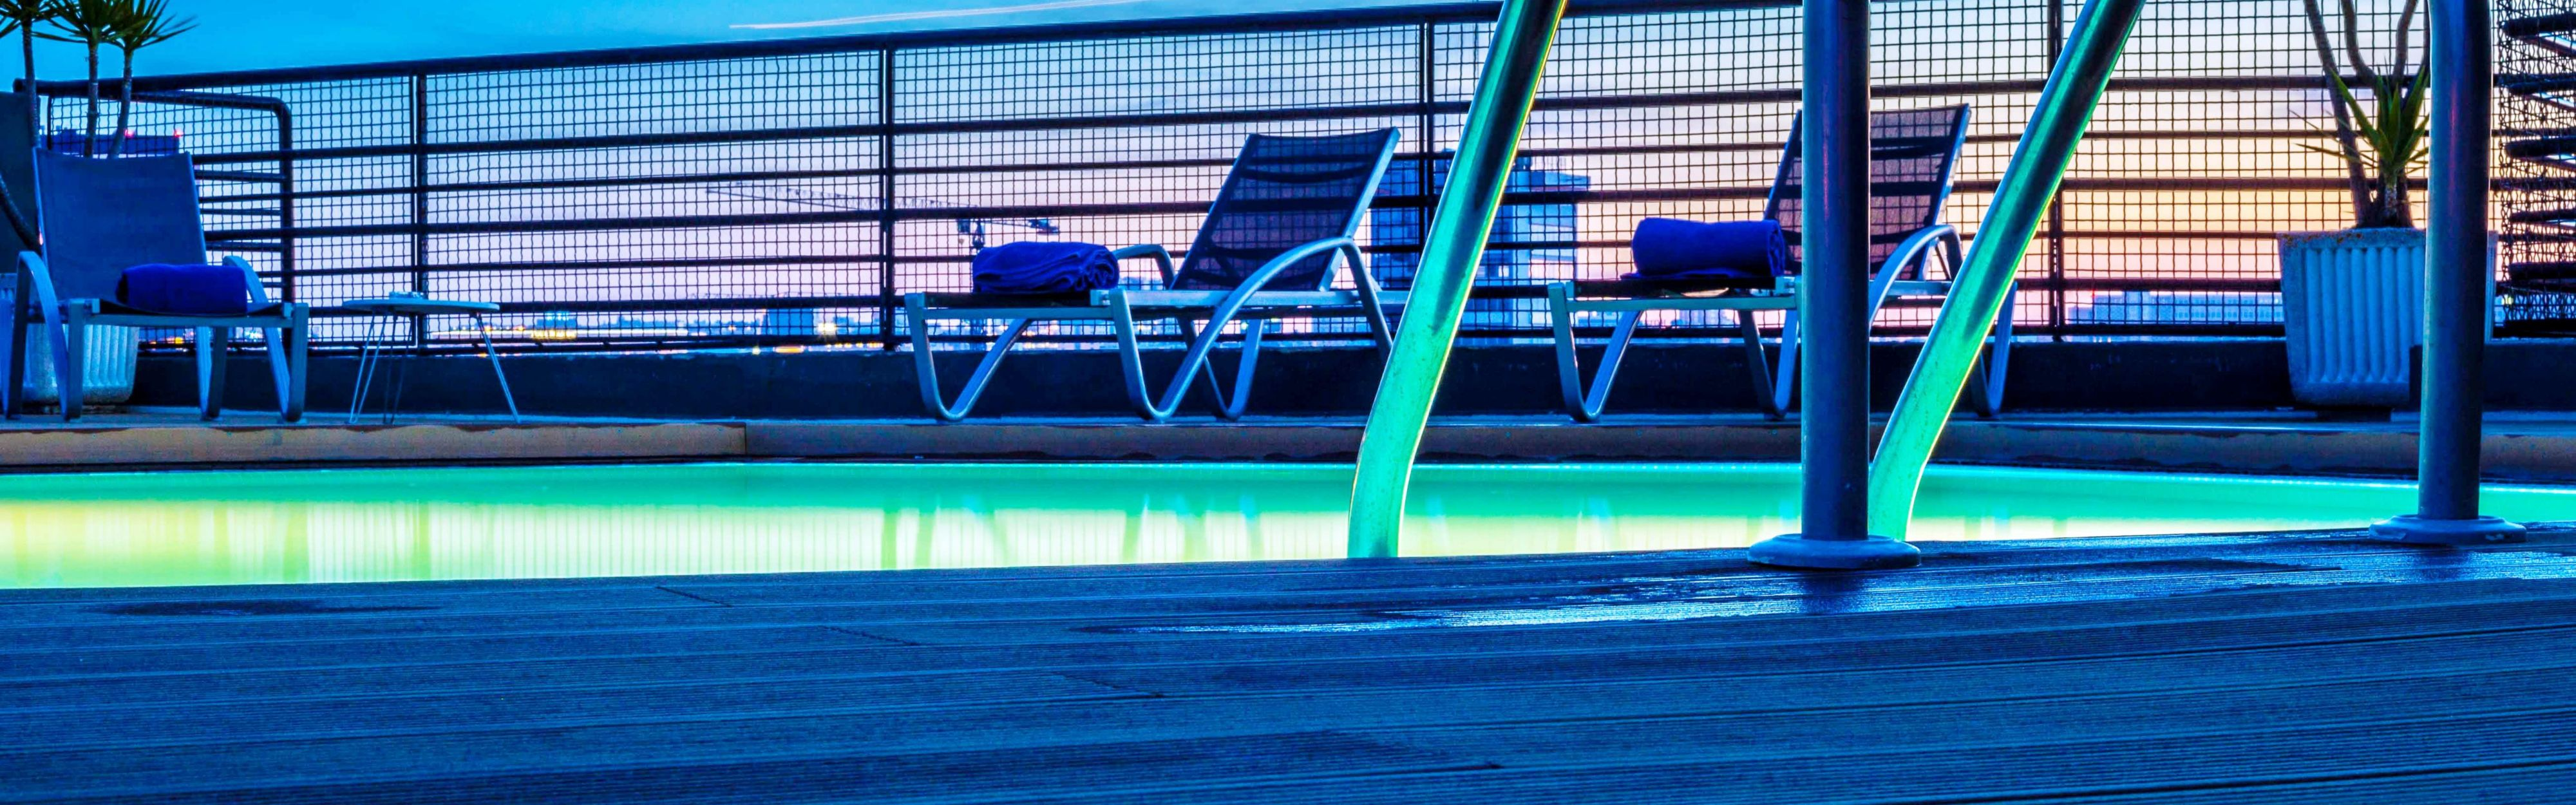 Ambientedirect Bewertung ambiente direct bewertung dieser unterkunft suite madeleine hotel